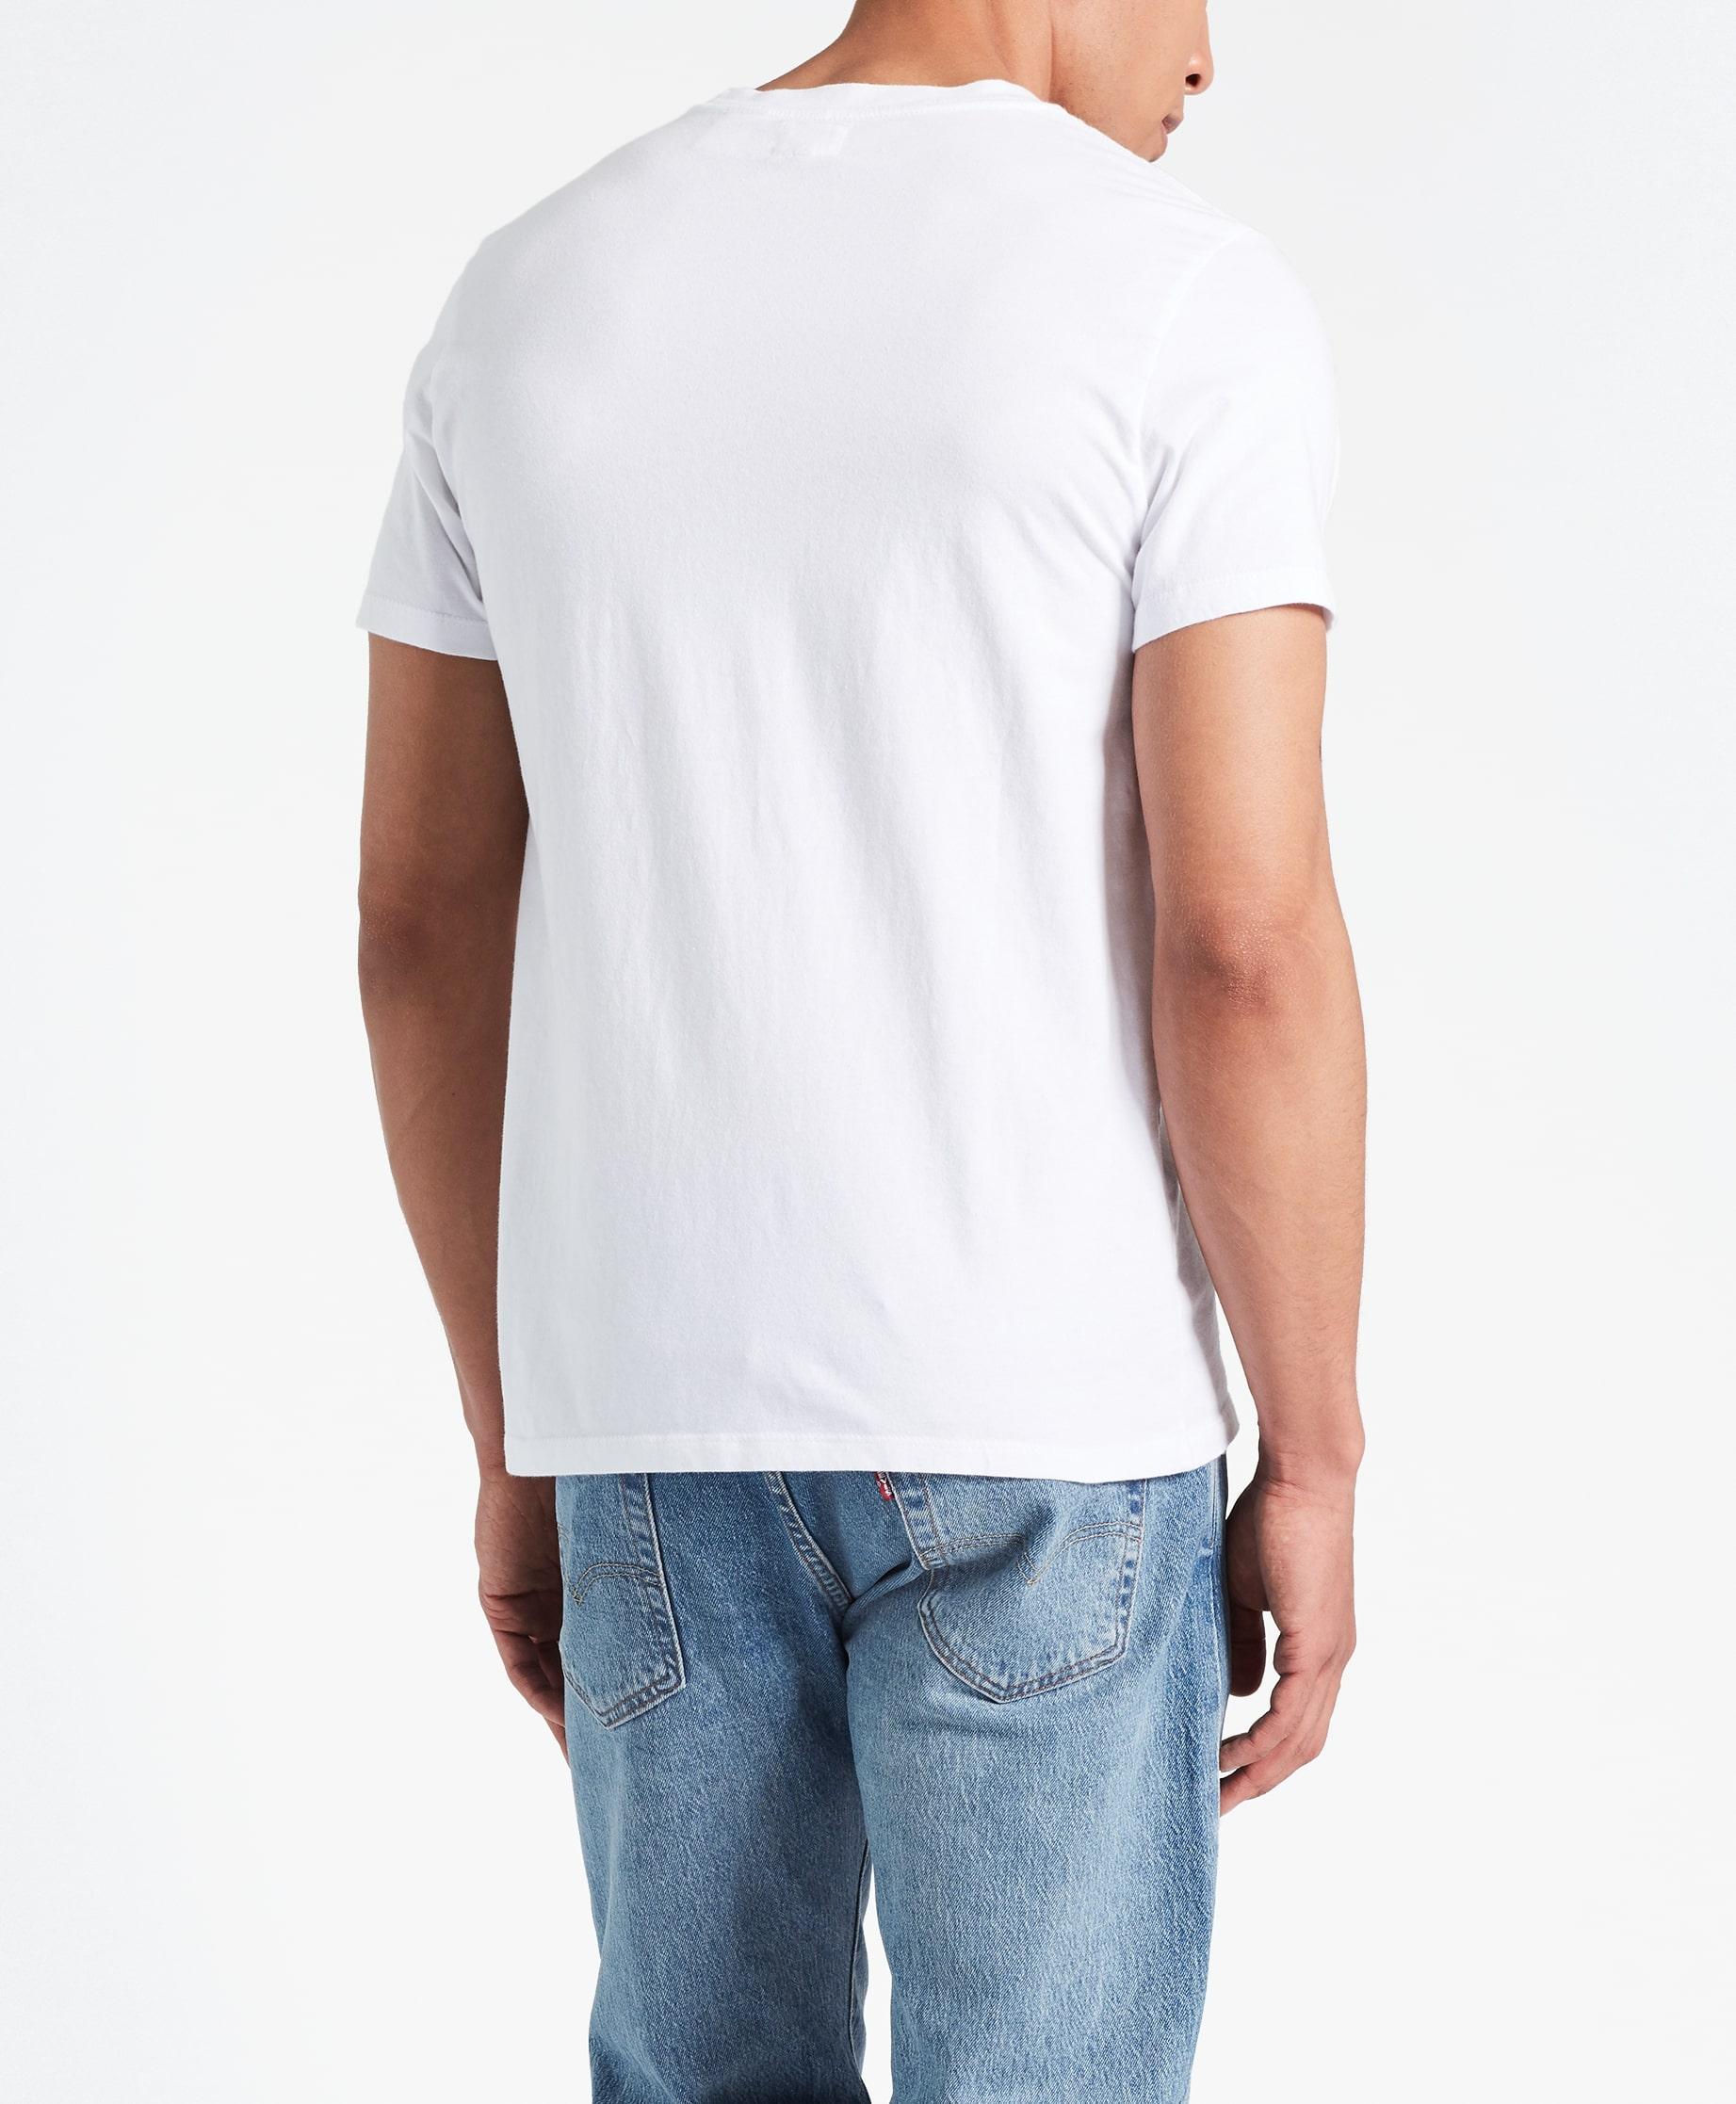 Levi's Original t-shirt, cotton & patch white, x-large